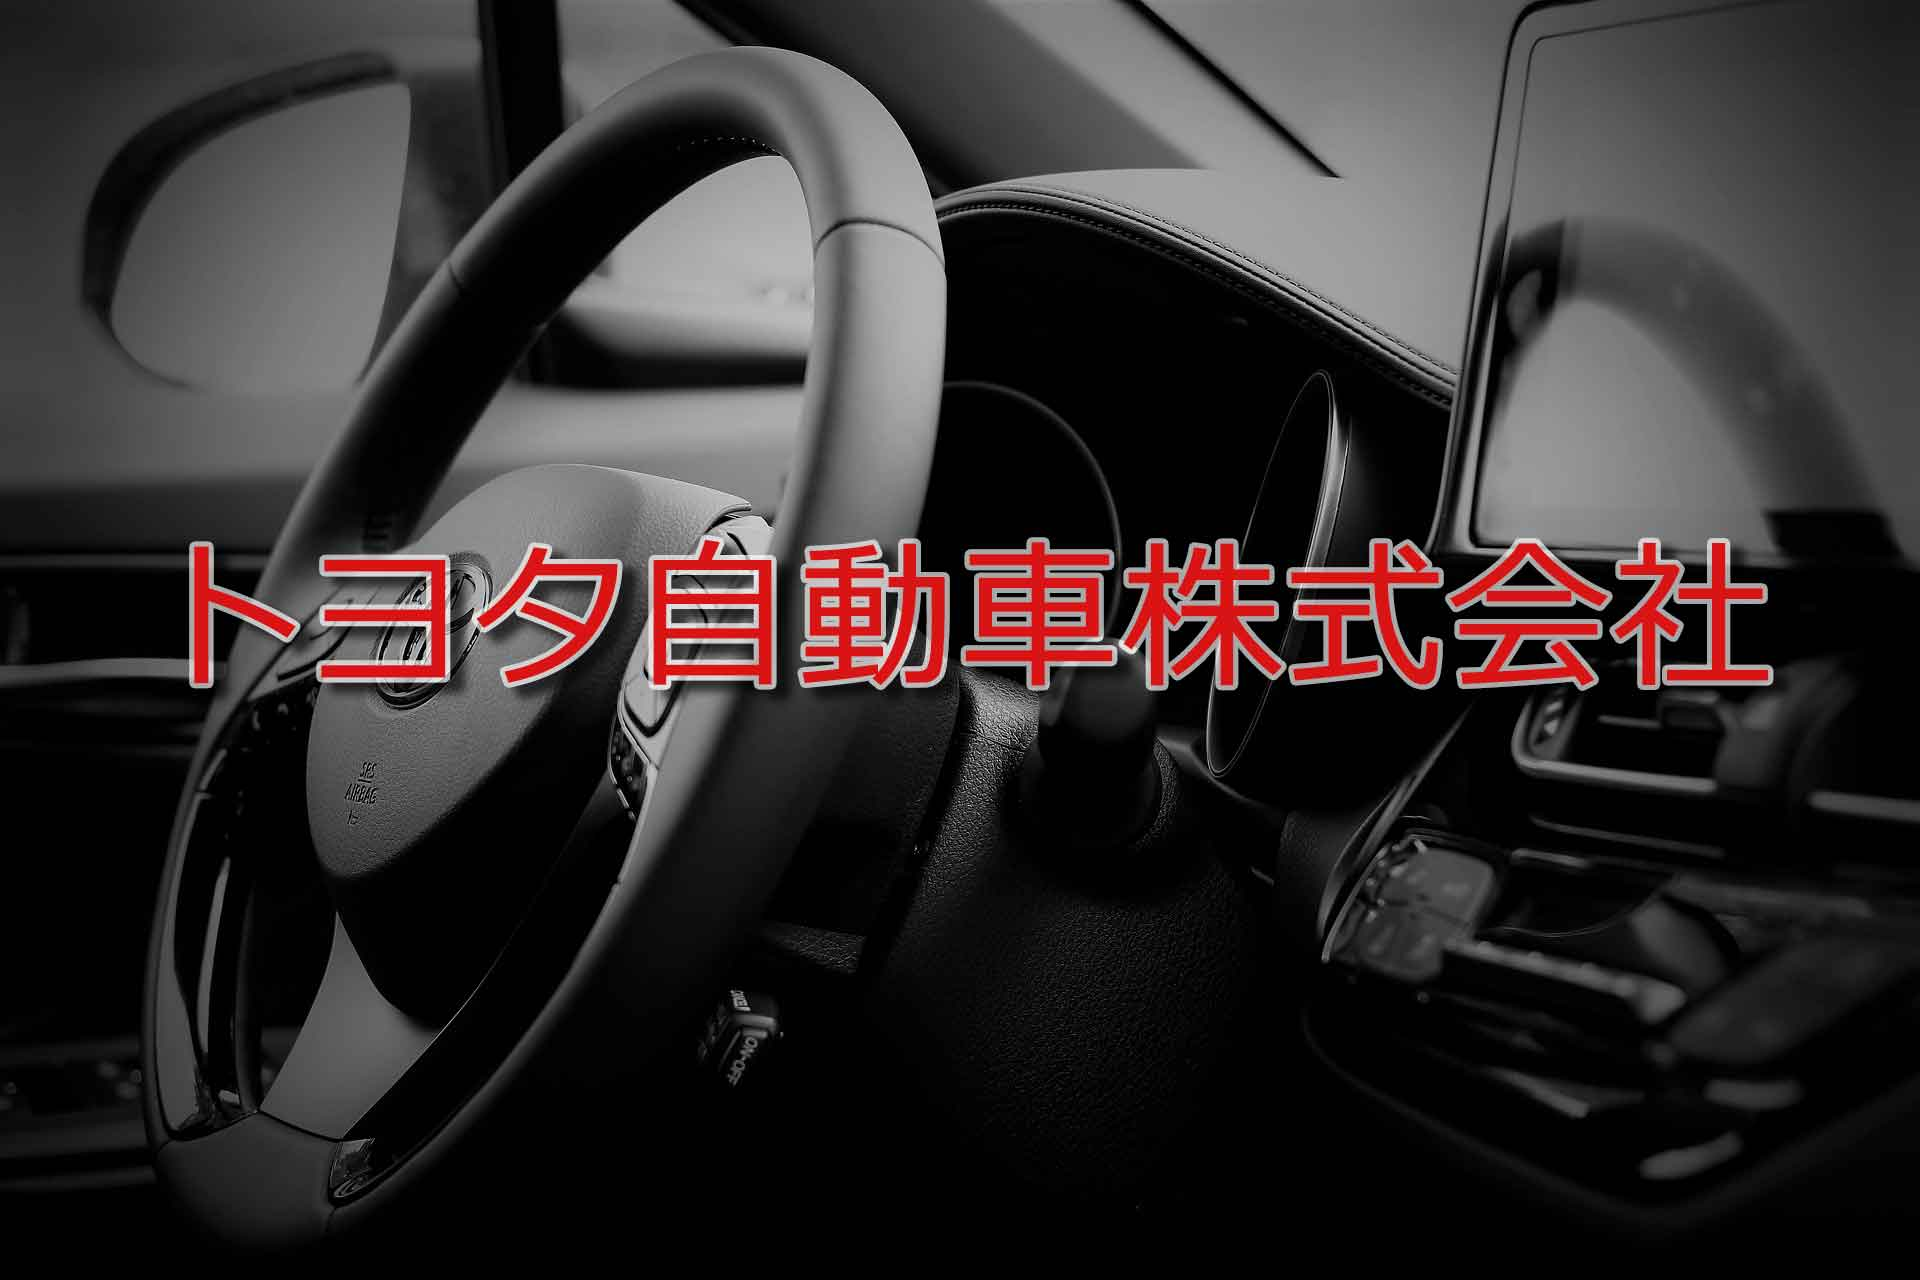 【会社】<br>トヨタ自動車株式会社